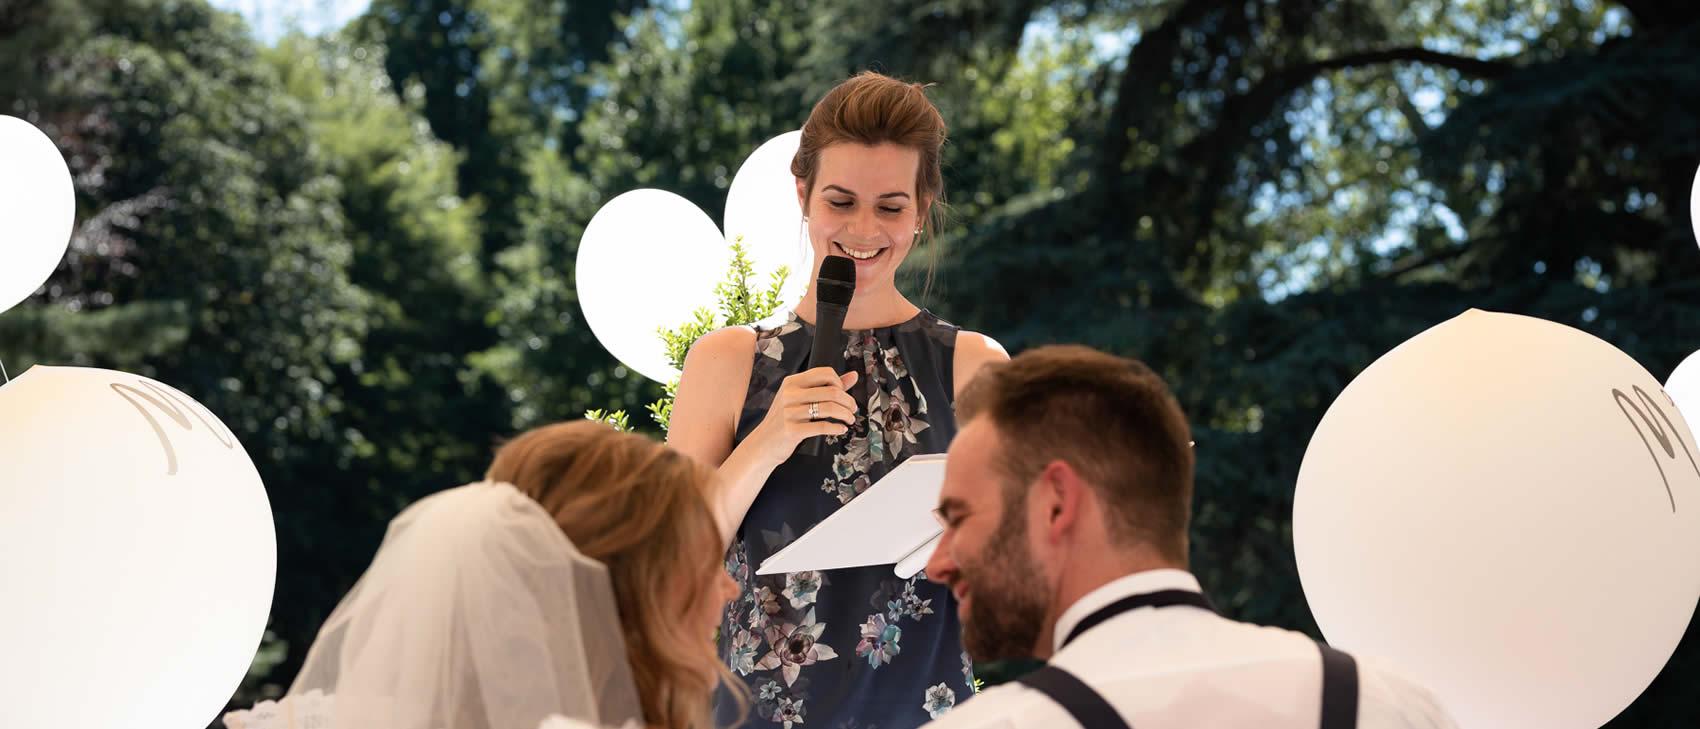 Traurednerin Verena hält Traurede vor lachendem Brautpaar.